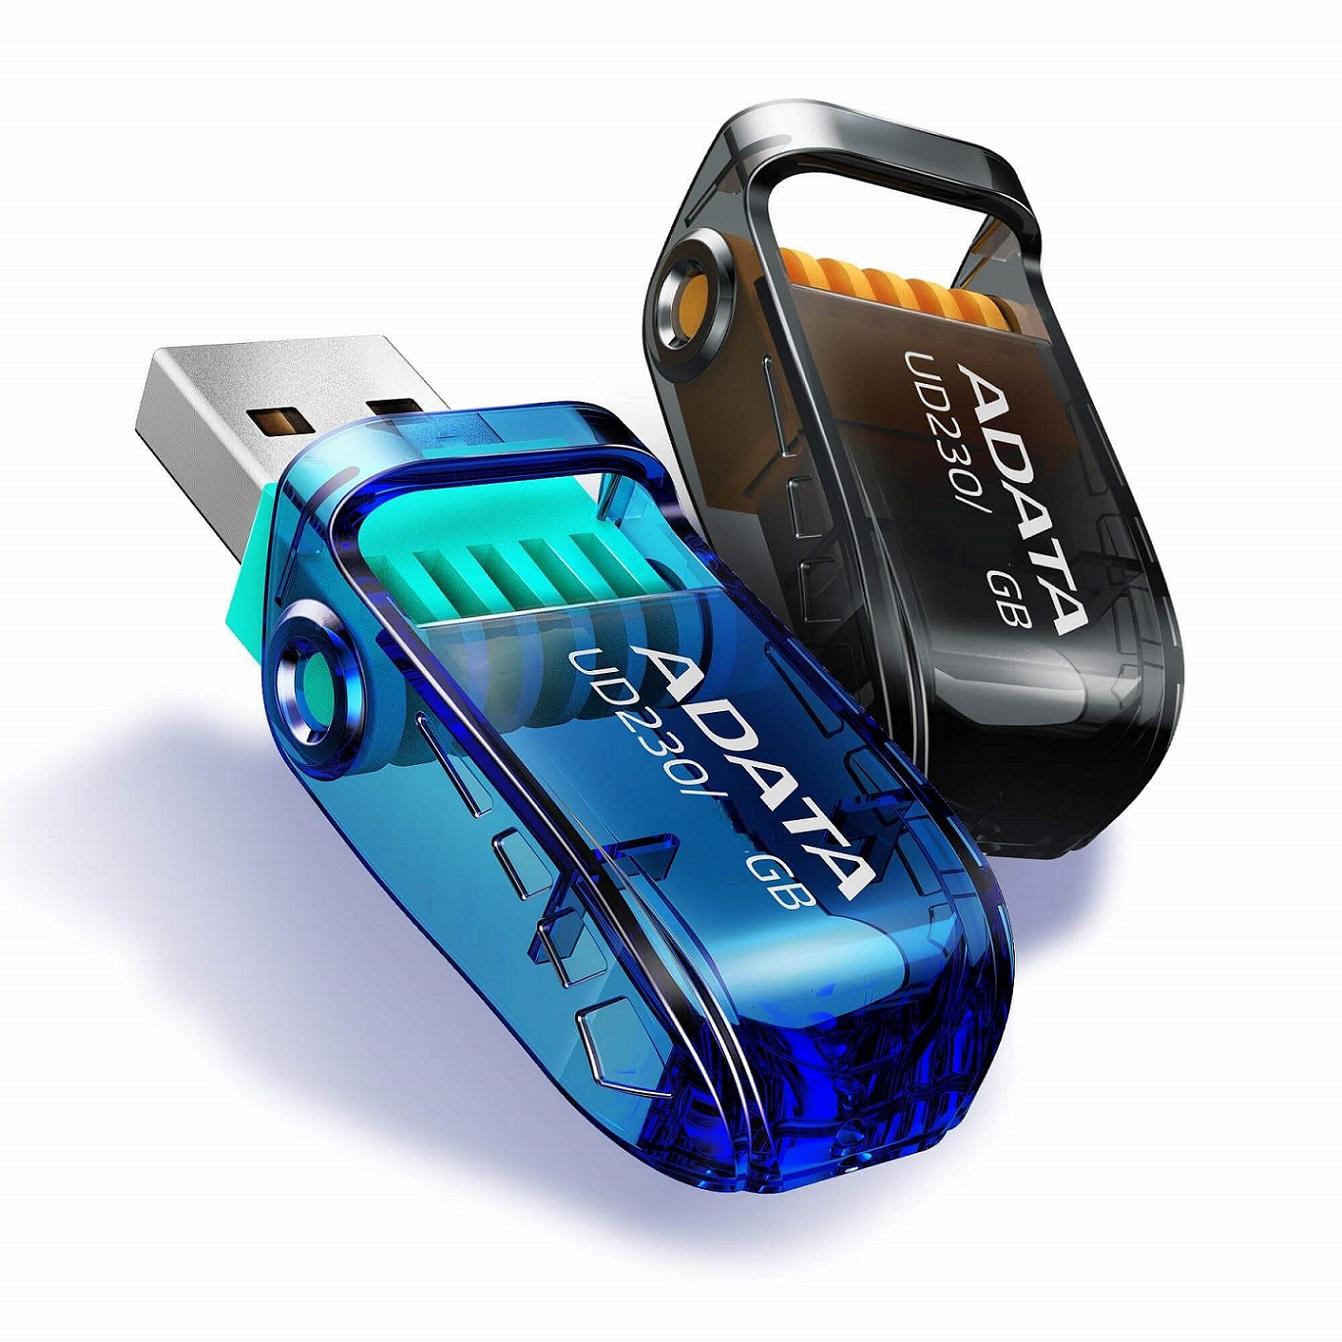 64GB ADATA UD230 USB black